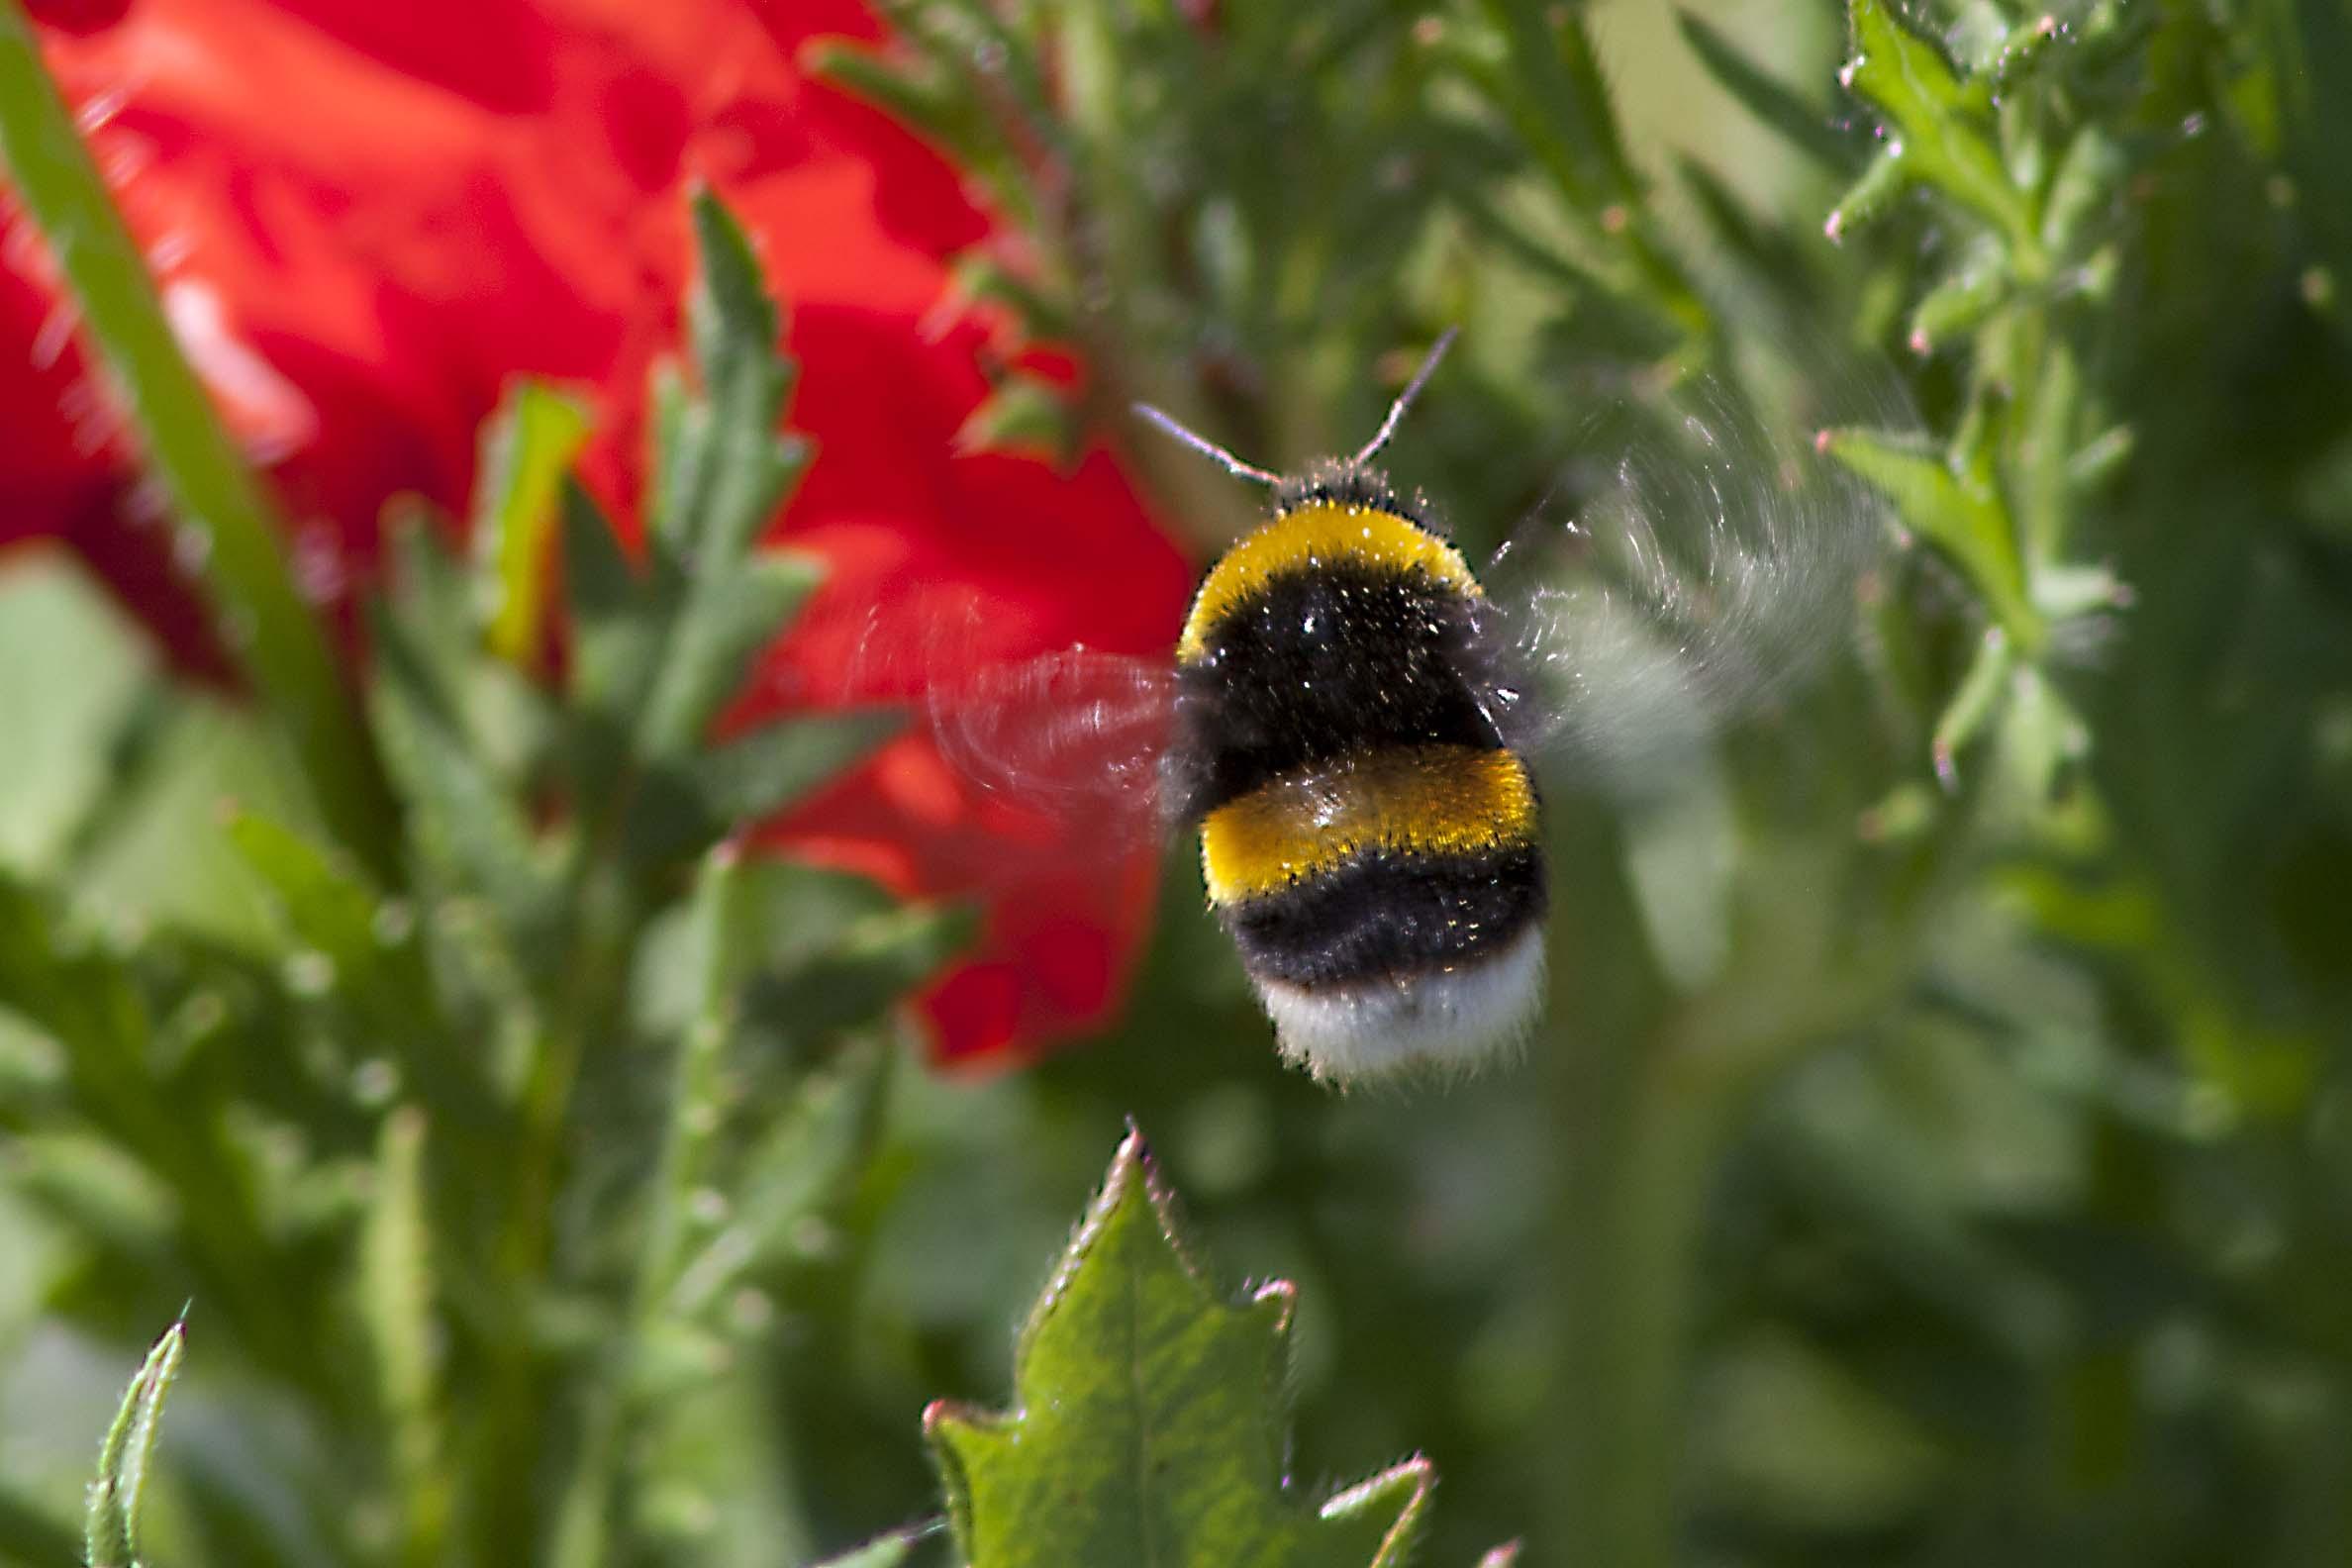 Except bumblebee 2...